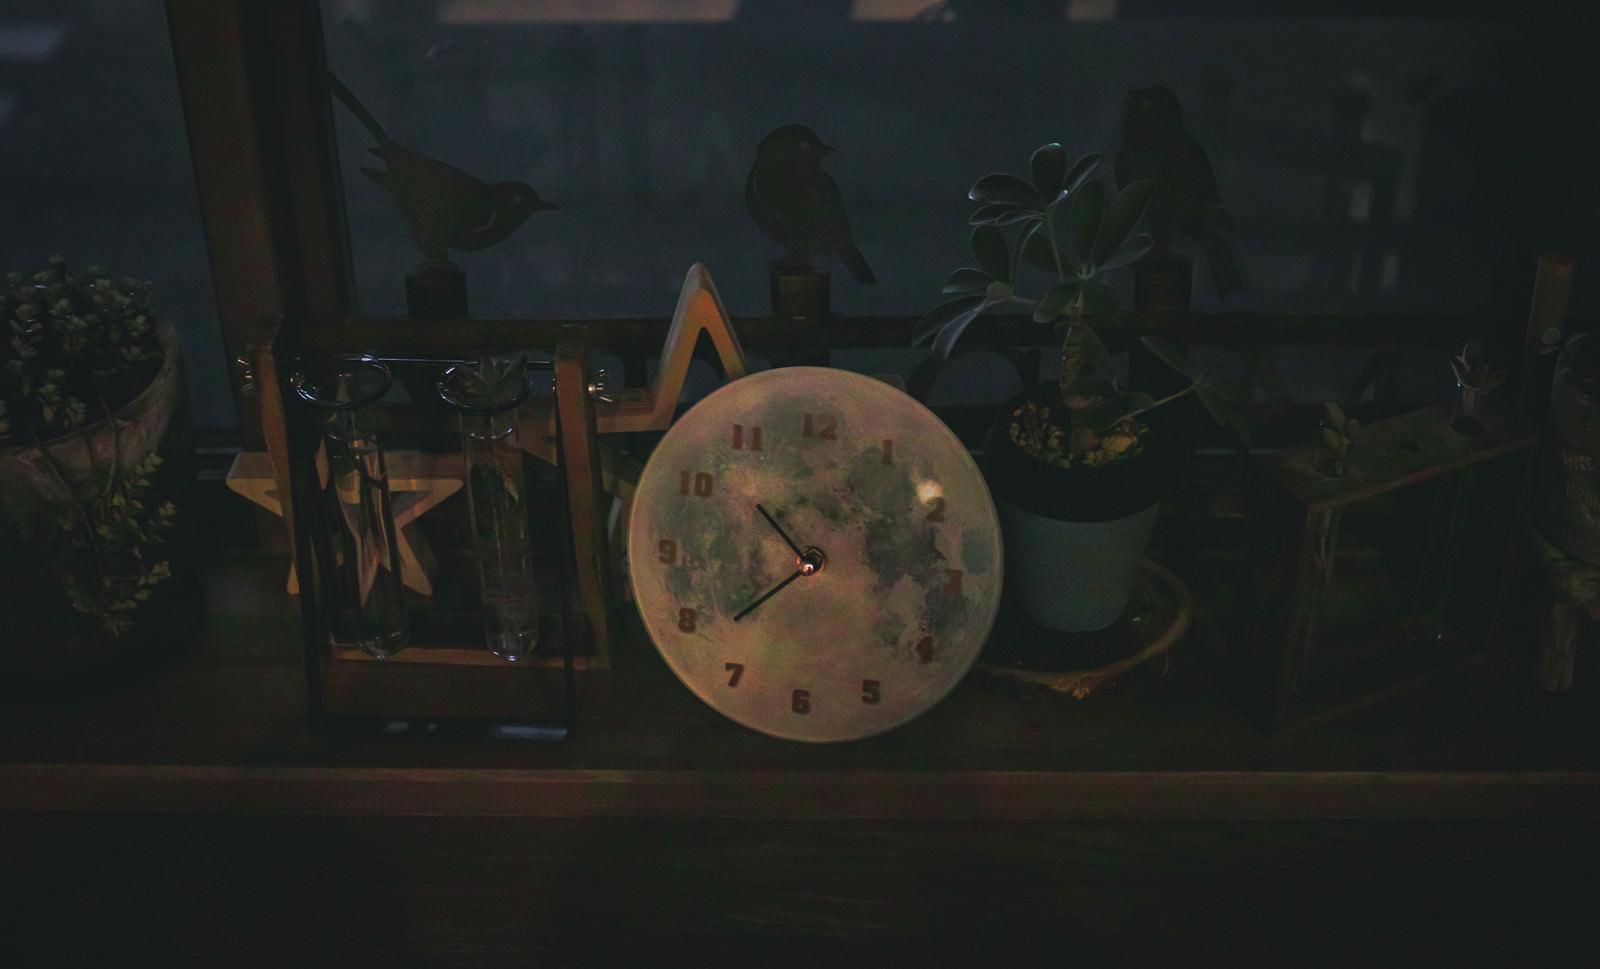 「暗闇の中の時計」の写真